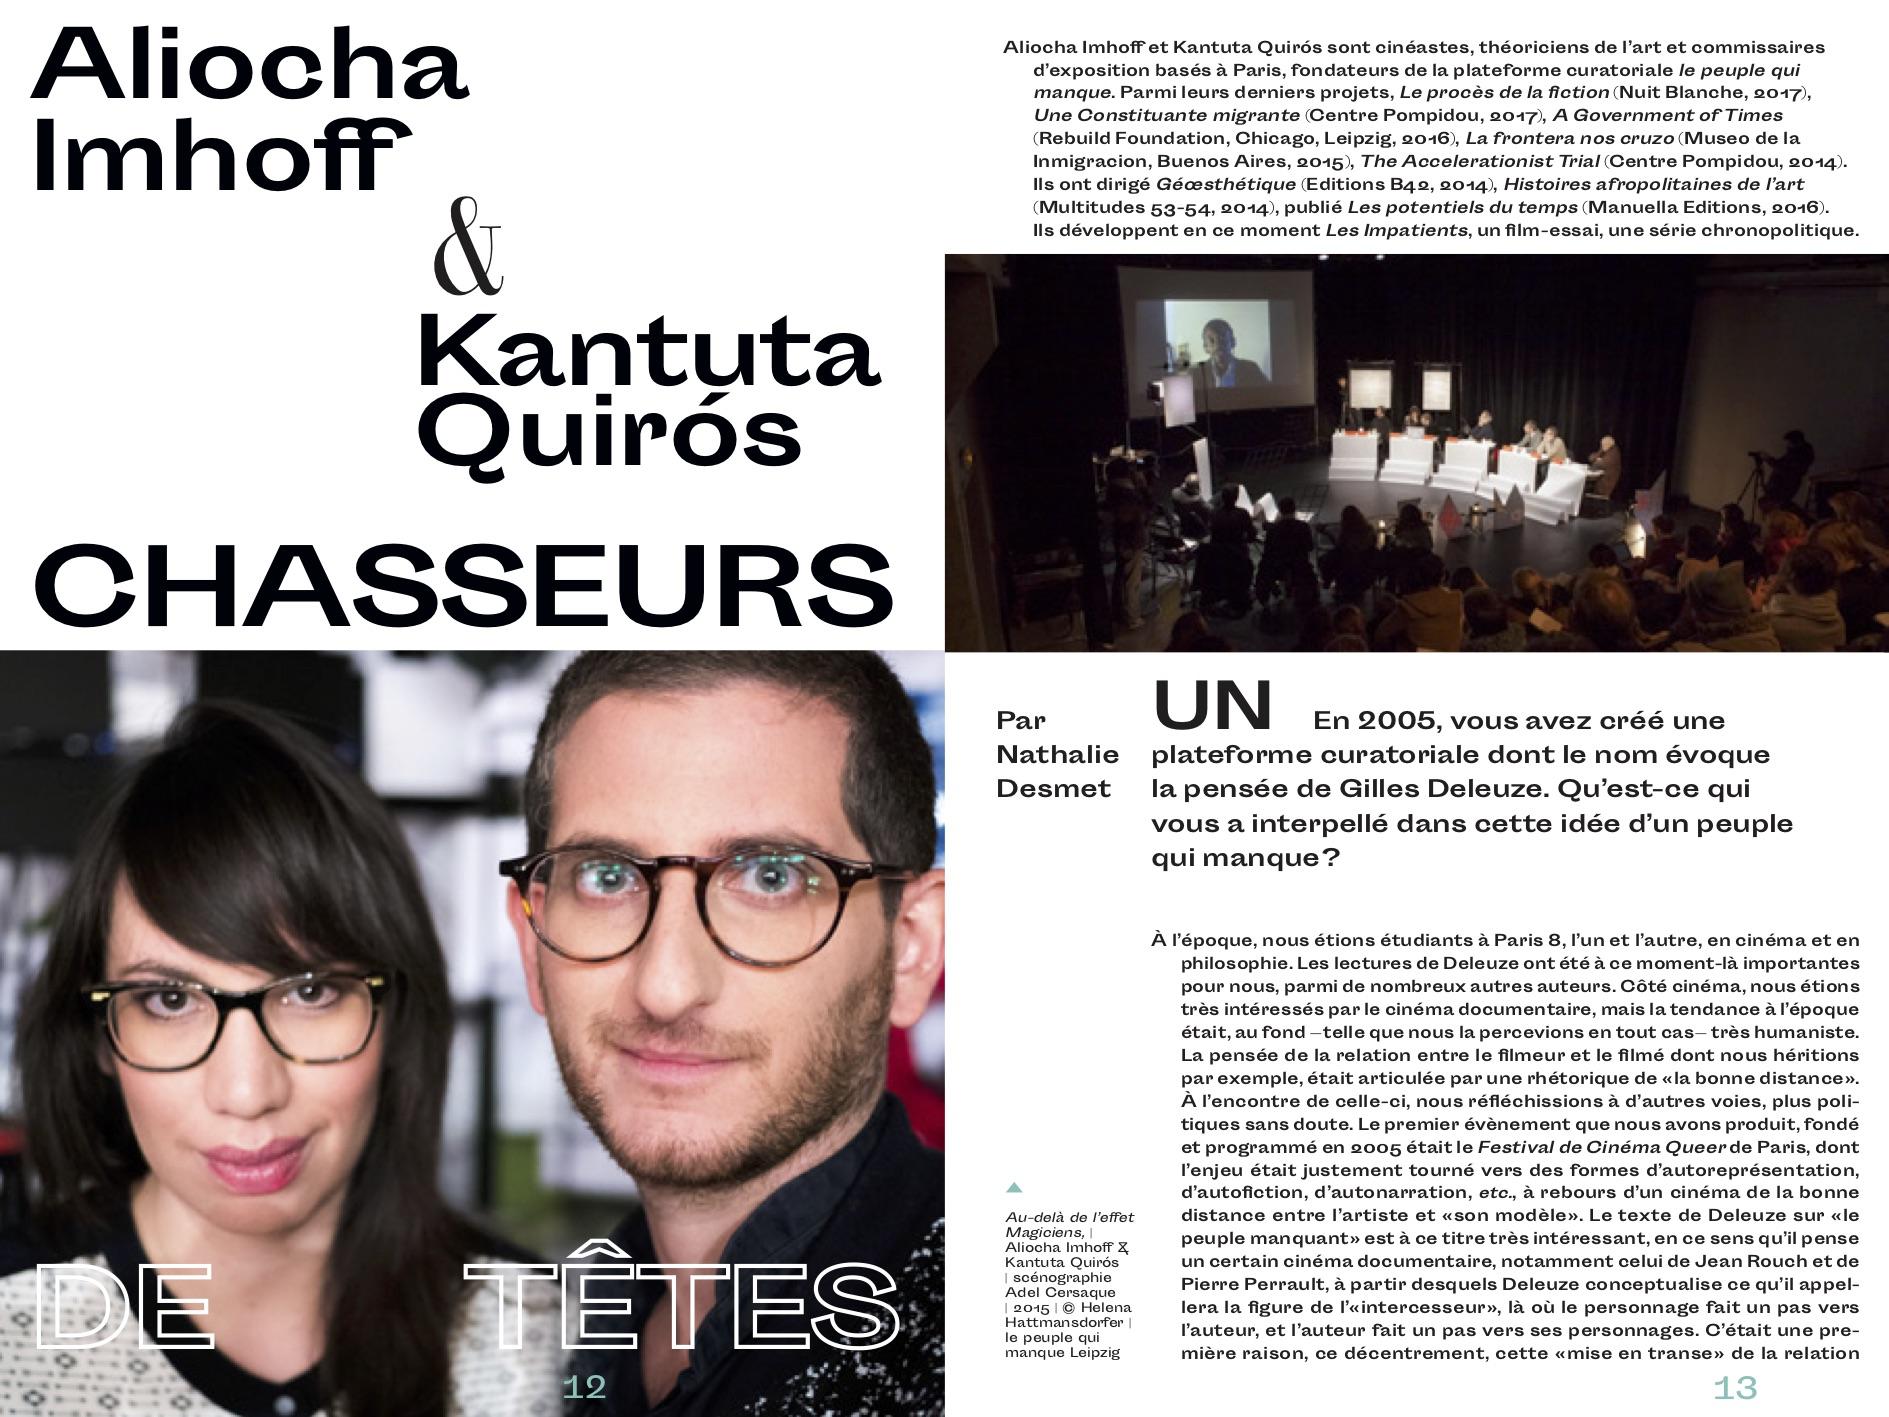 ARTICLE> Aliocha Imhoff & Kantuta Quirós (chasseurs de têtes), leChassis 4